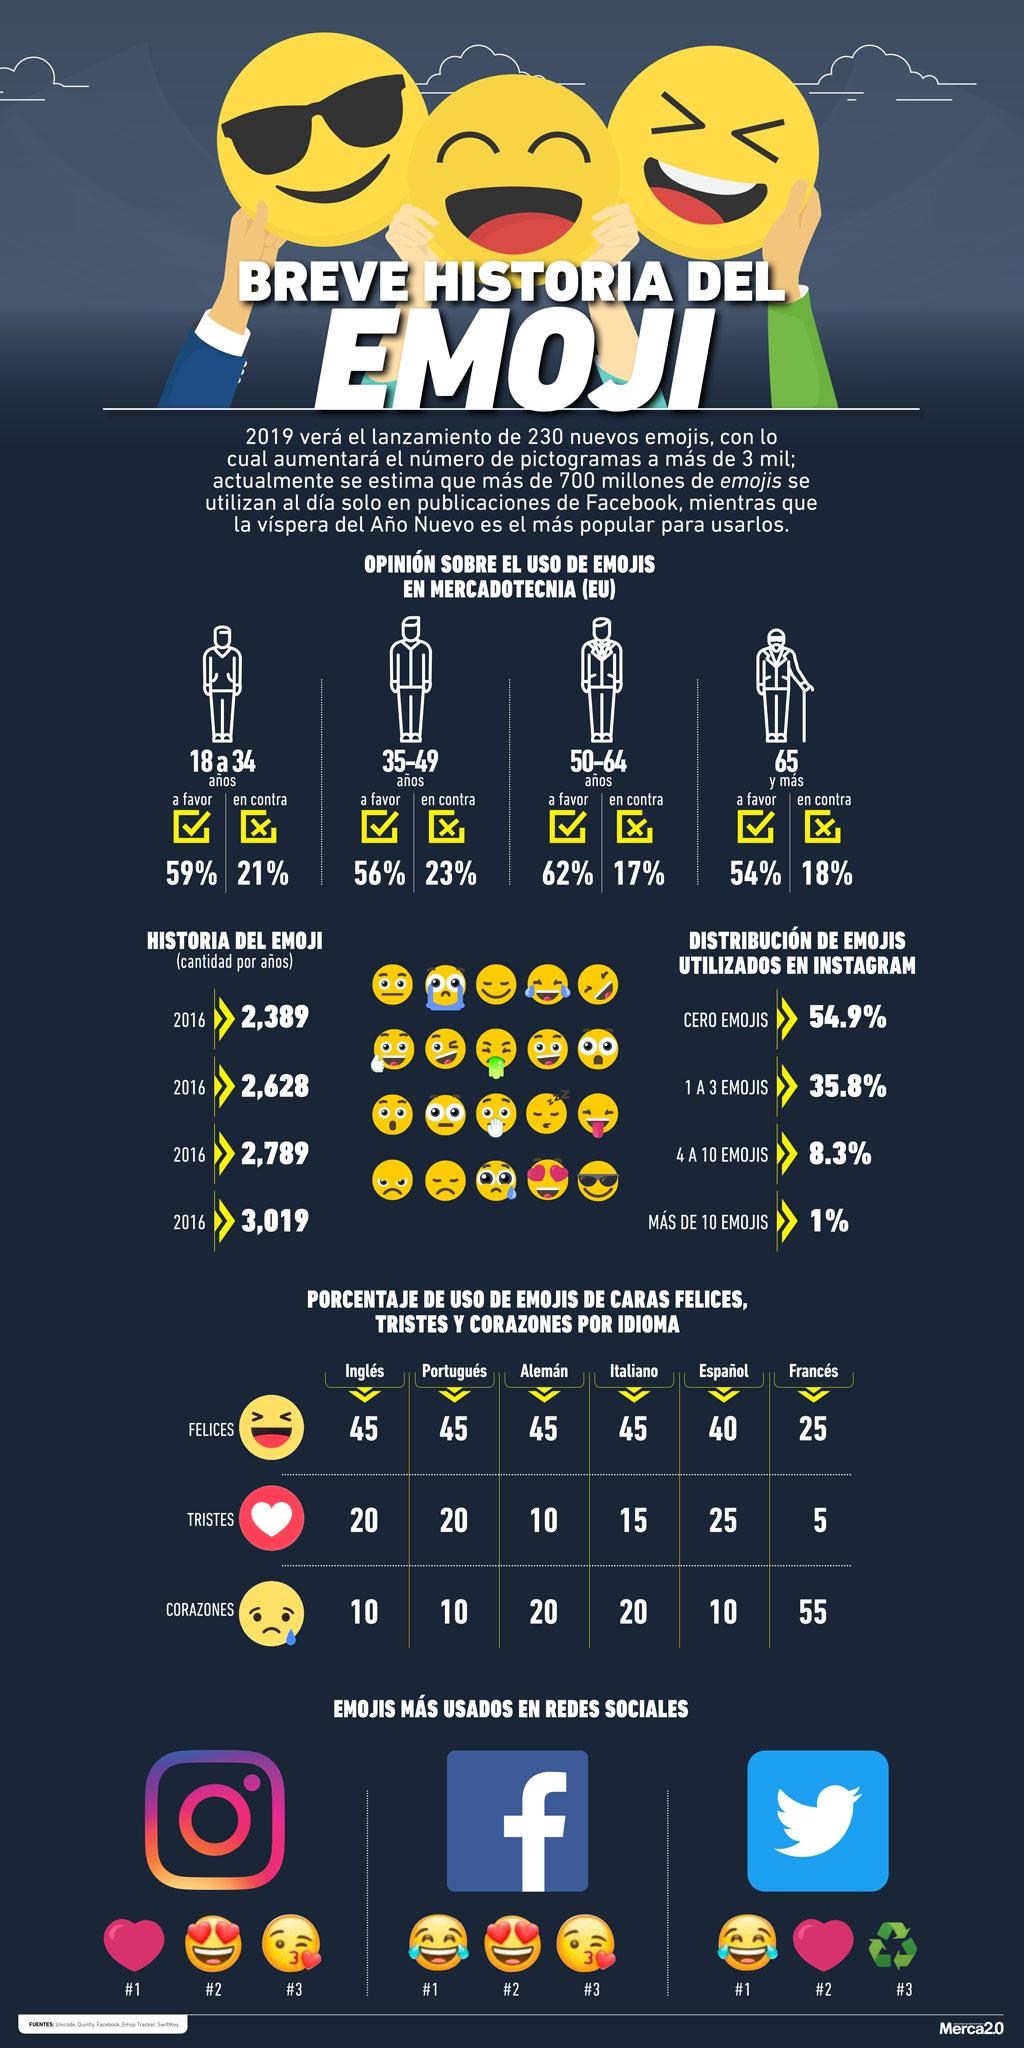 conociendo los emojis